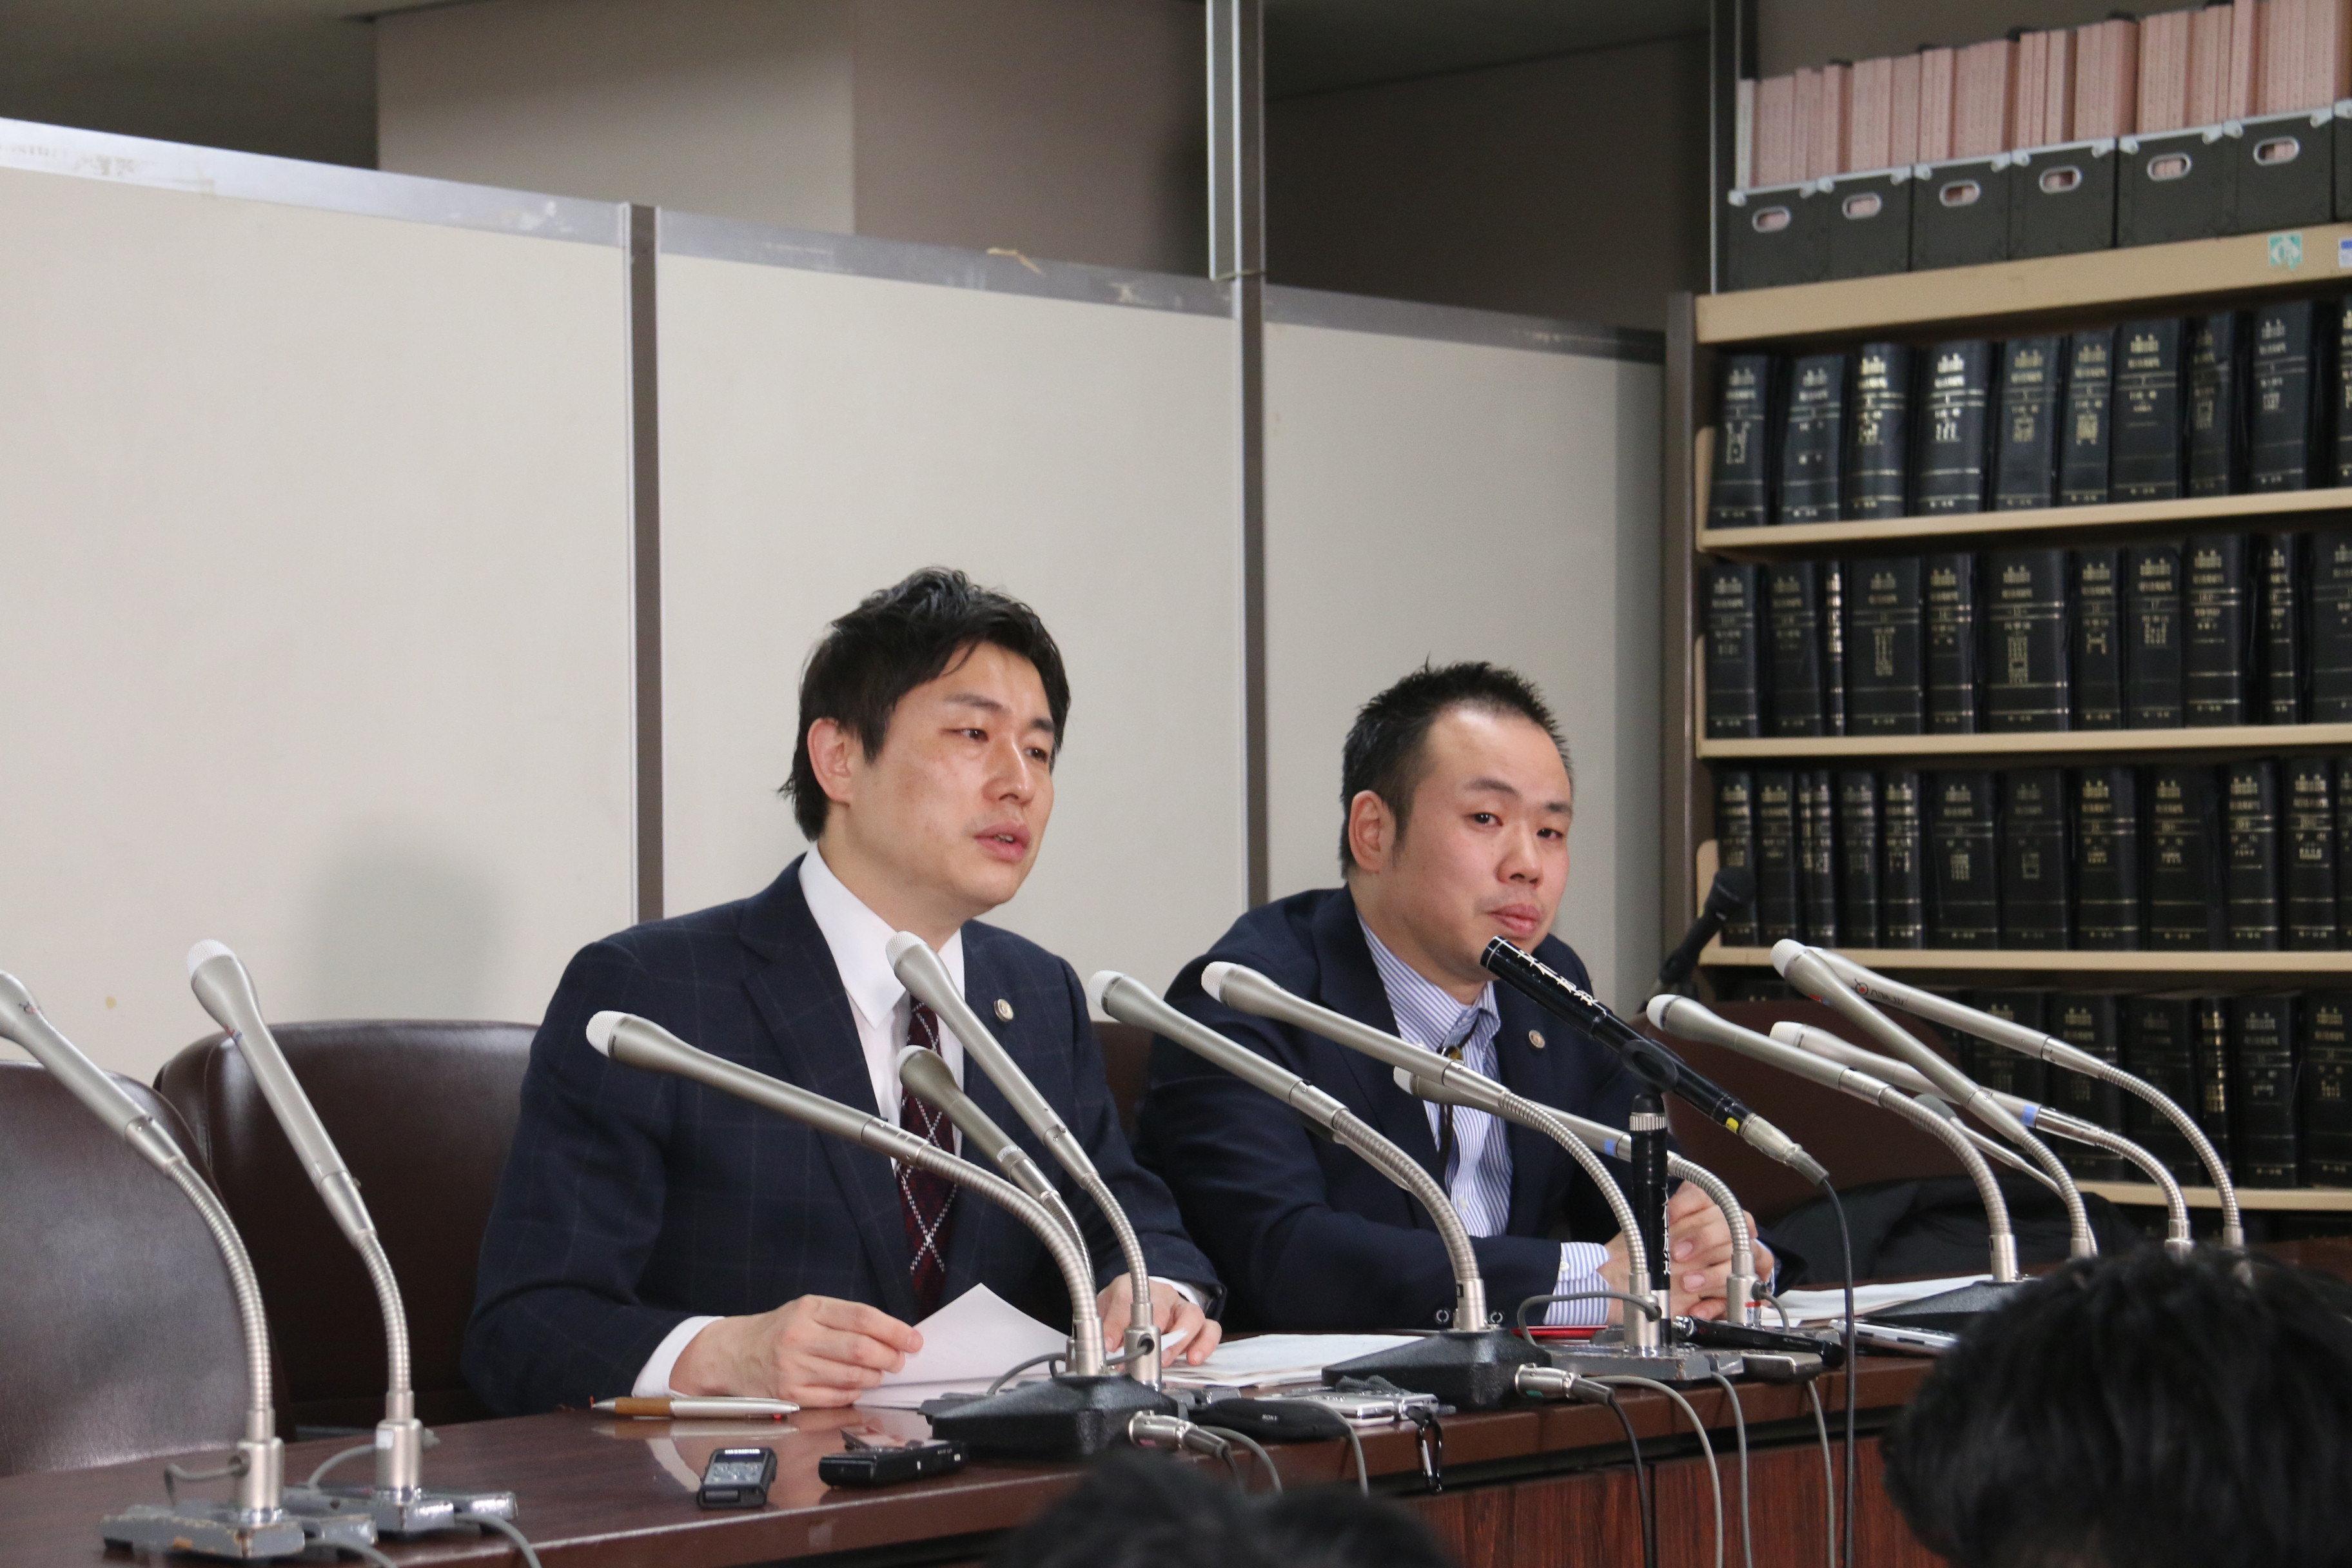 南弁護士と吉田弁護士。涙をためて両親の思いを語った。